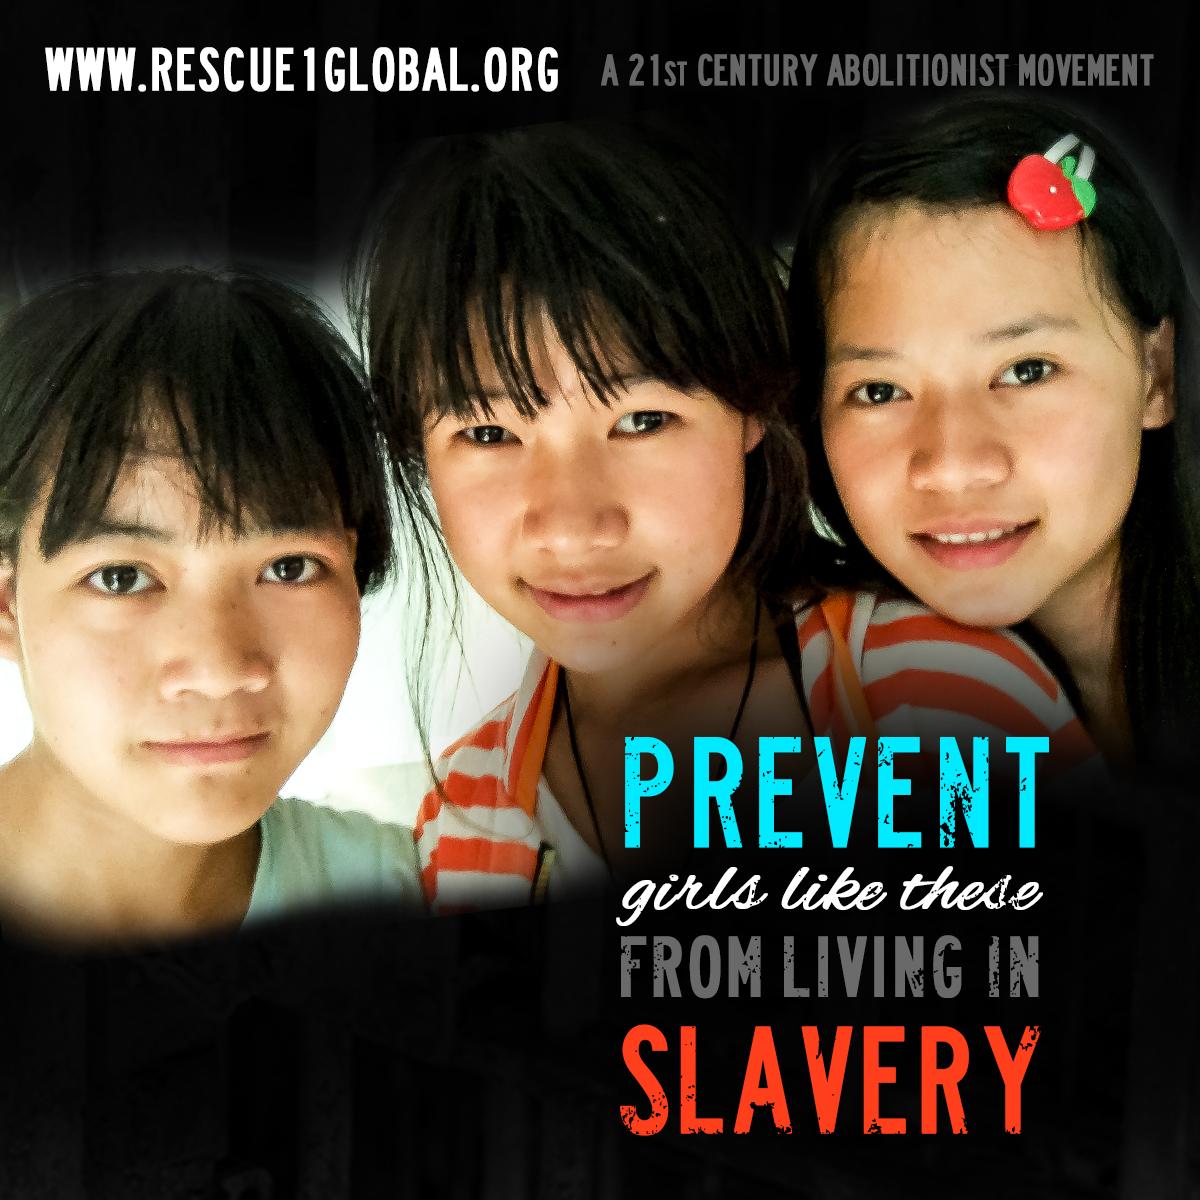 Prevent-Share-Rescue-1